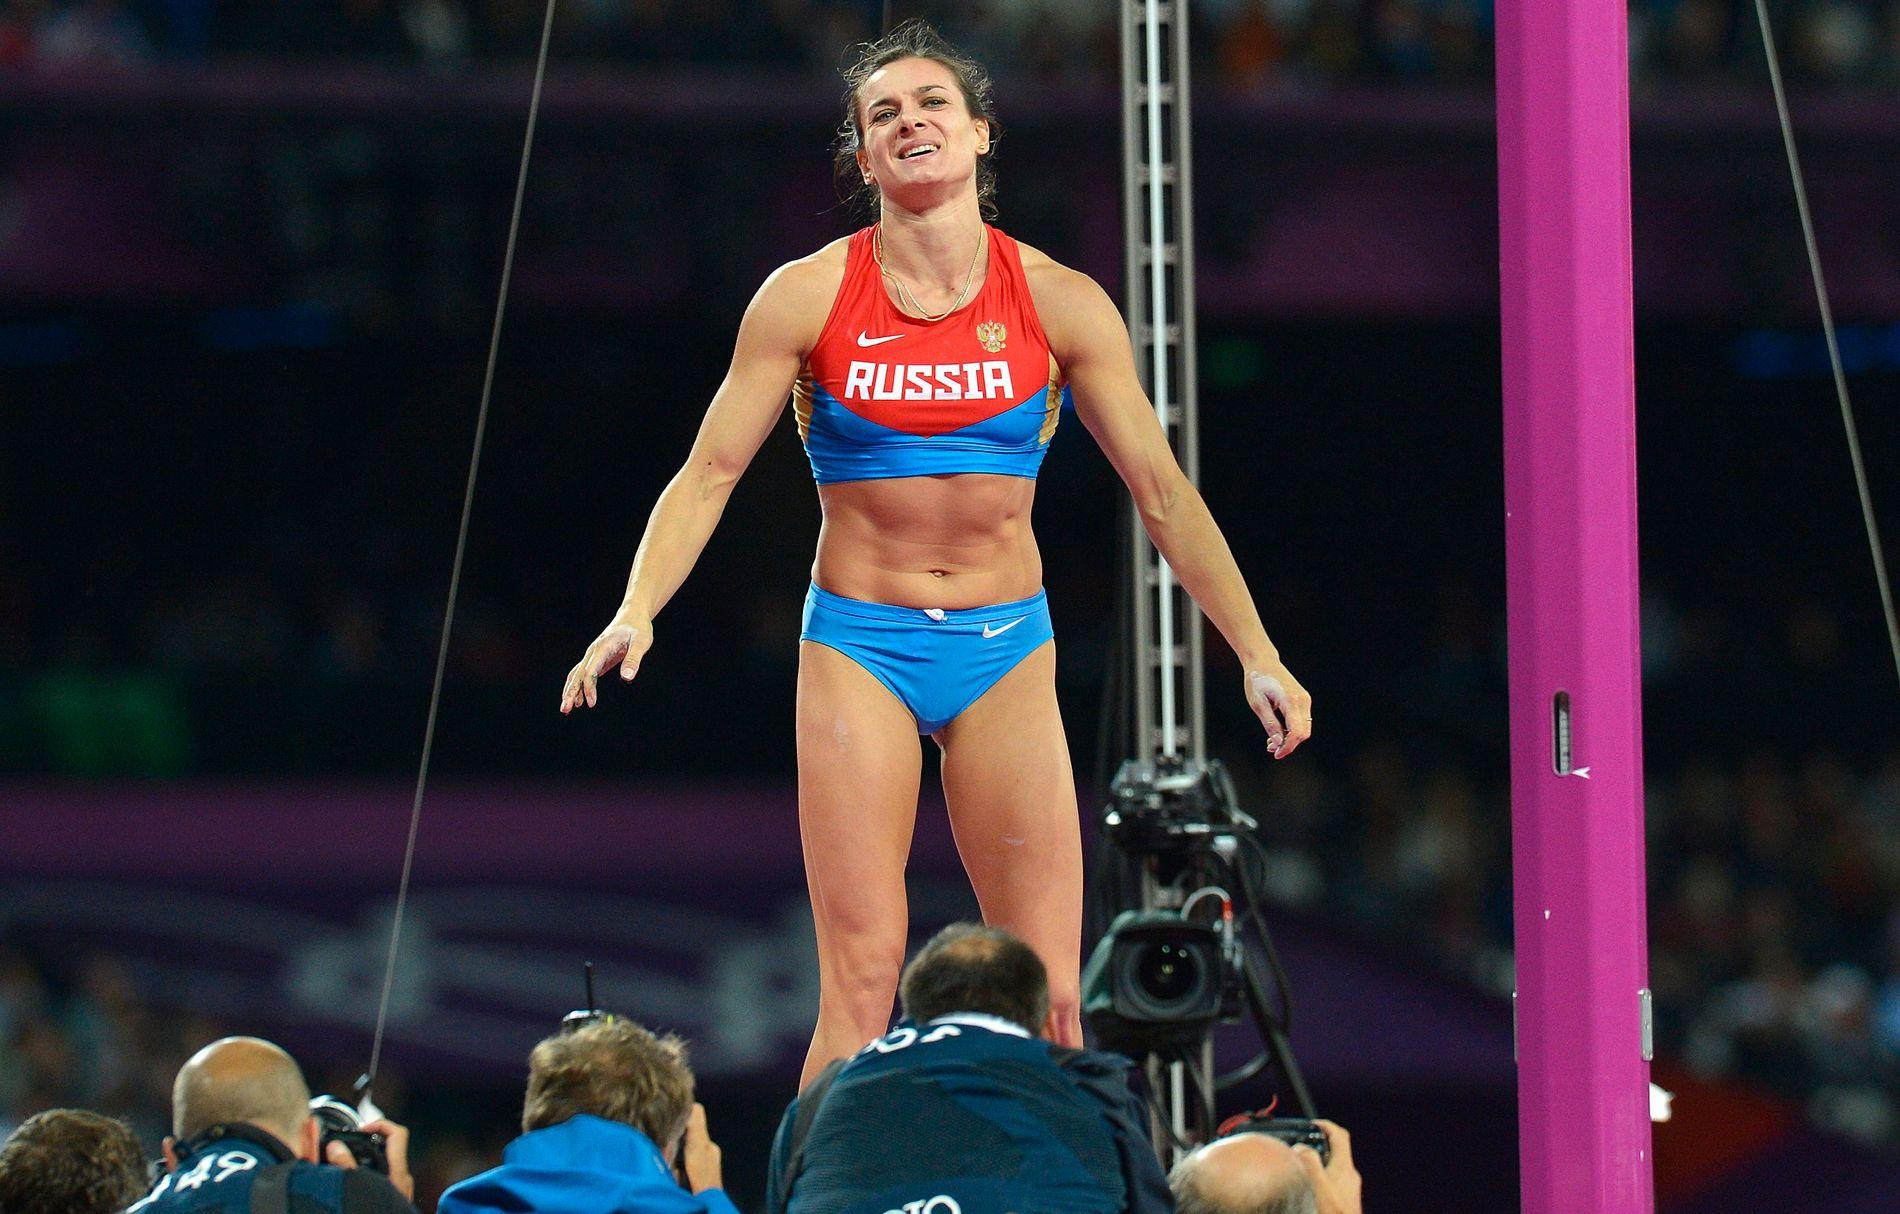 VIL TIL RIO: Jelena Isinbajeva vant OL-gull i 2004 og 2008, men måtte ta til takke med bronsemedaljen i London-OL (bildet). Nå truer Russlands stavdronning IAAF og IOC med søksmål hvis hun nektes deltakelse i Rio-OL.